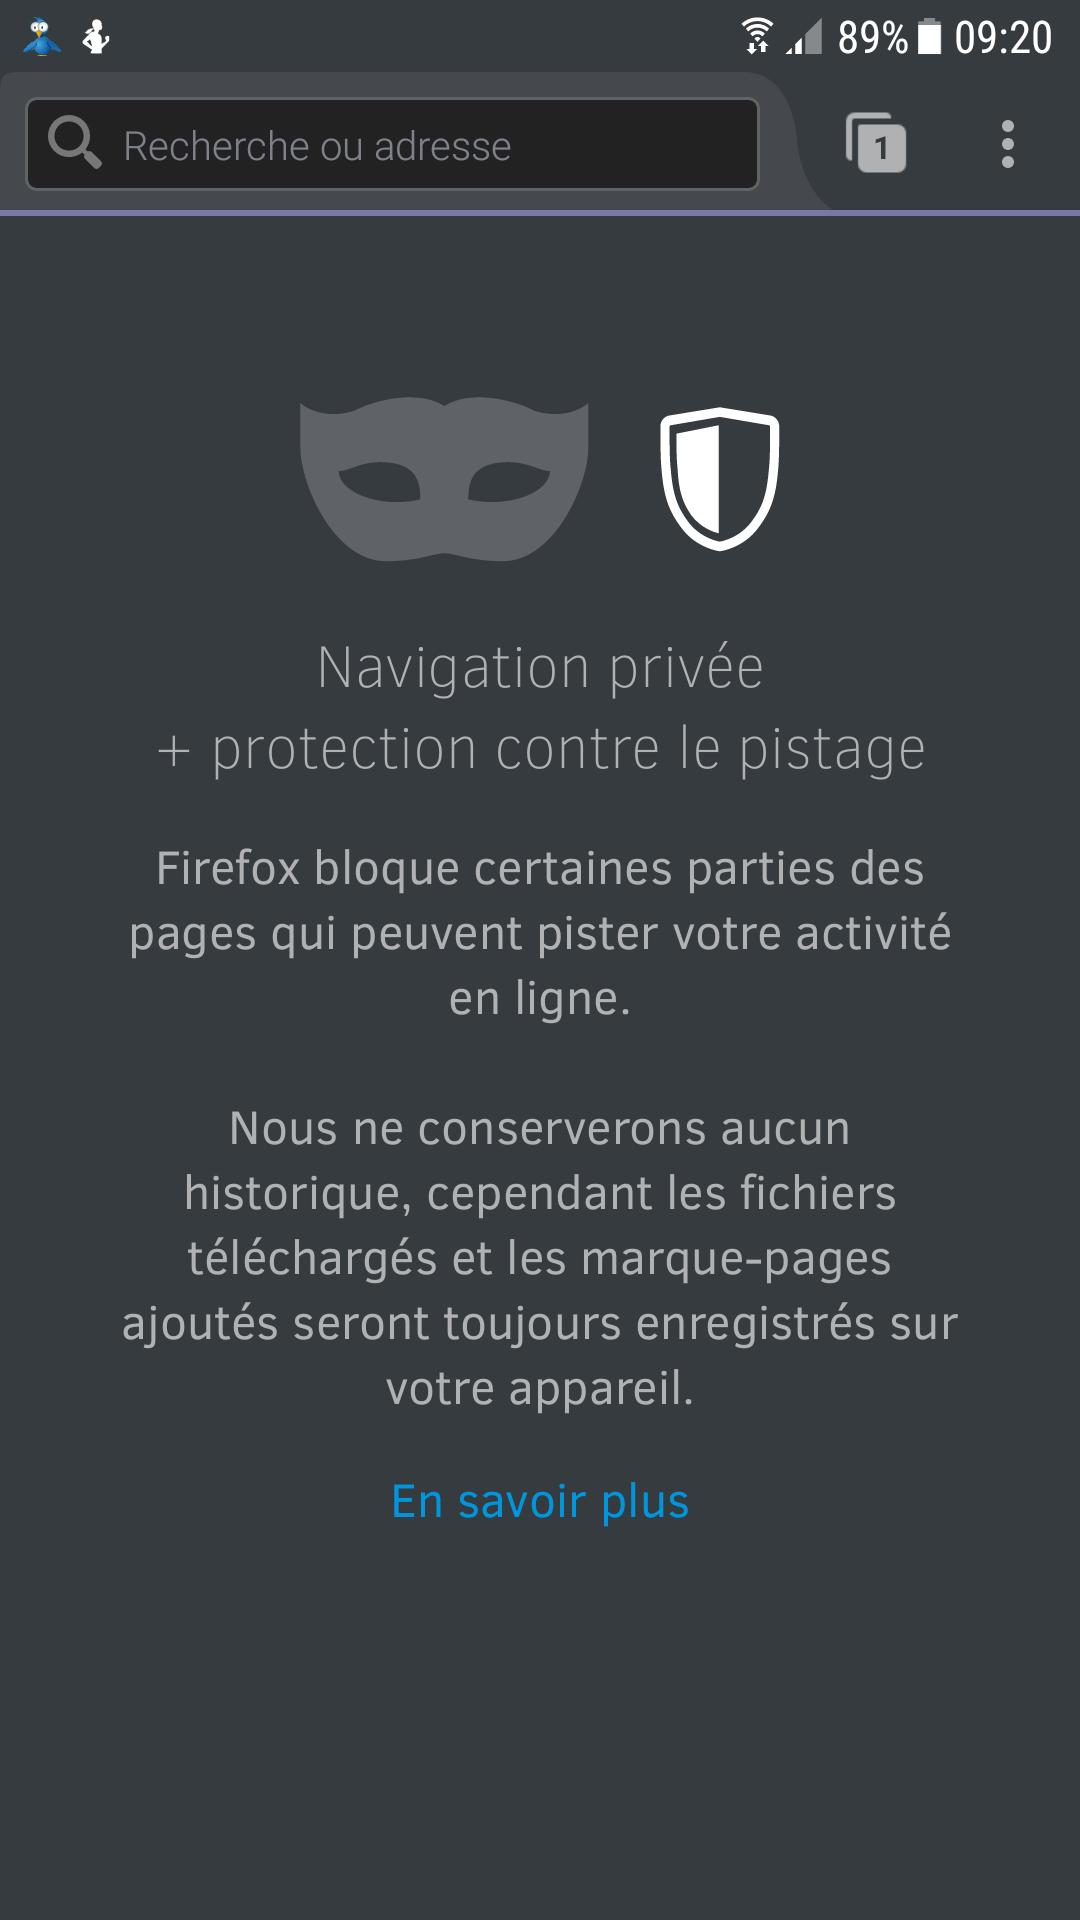 image de Navigation privée: comment utiliser le mode incognito sur Android 7